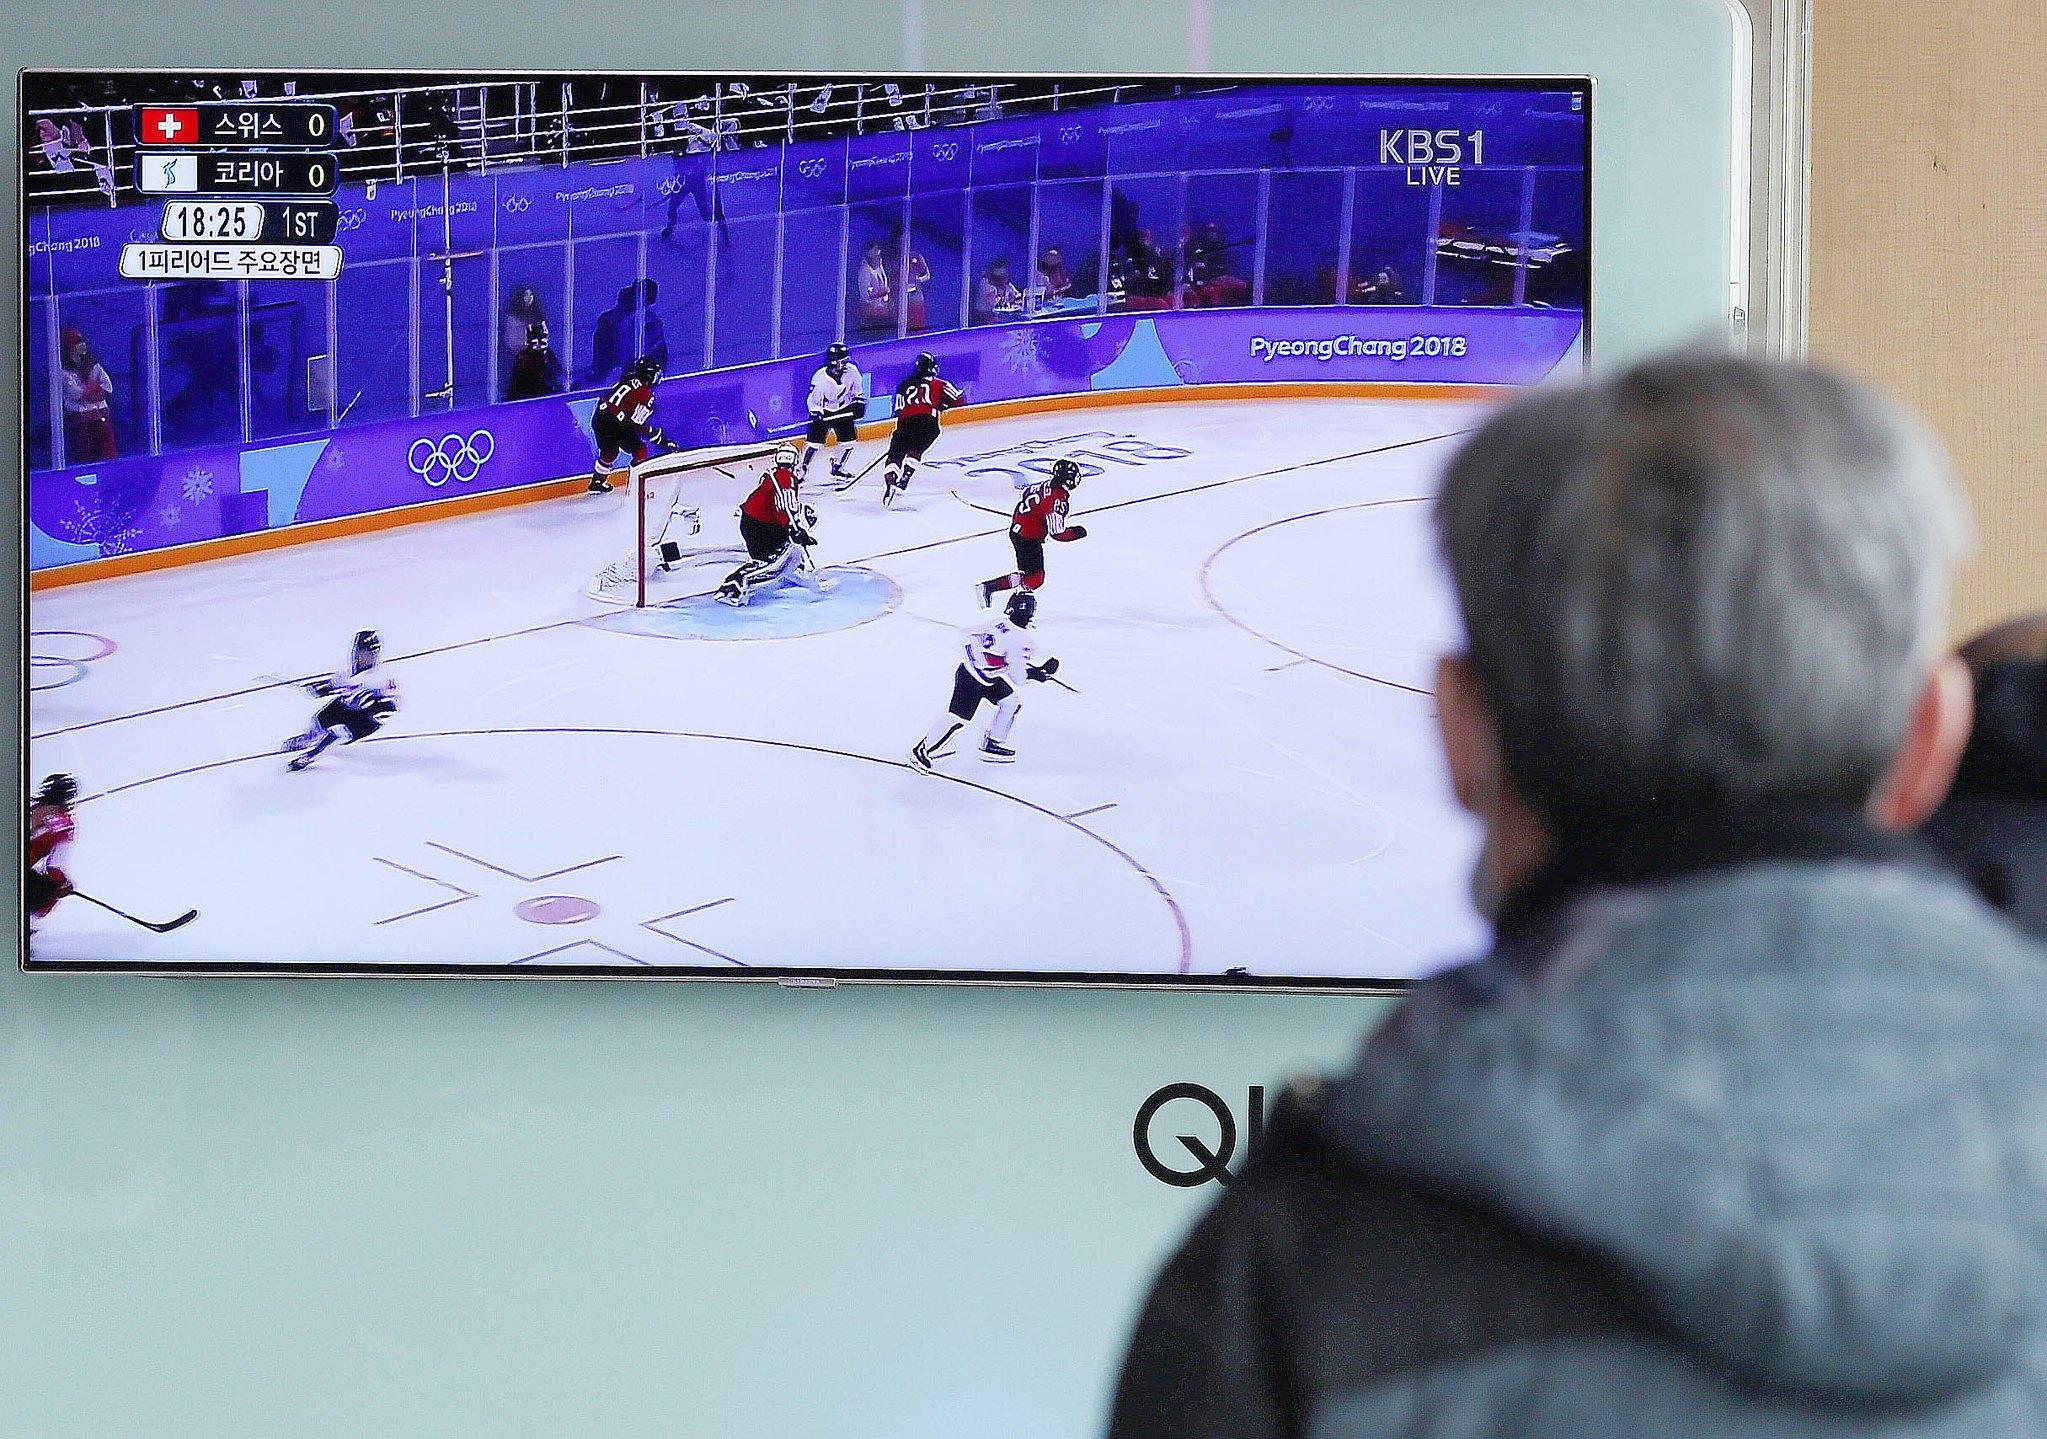 지난 2월 서울역에서 시민들이 평창 겨울 올림픽 여자아이스하키 중계 방송을 바라보고 있는 모습. 이번 올림픽 중계에선 중계진의 성차별적 발언이 총 30건 지적됐다. [뉴스1]